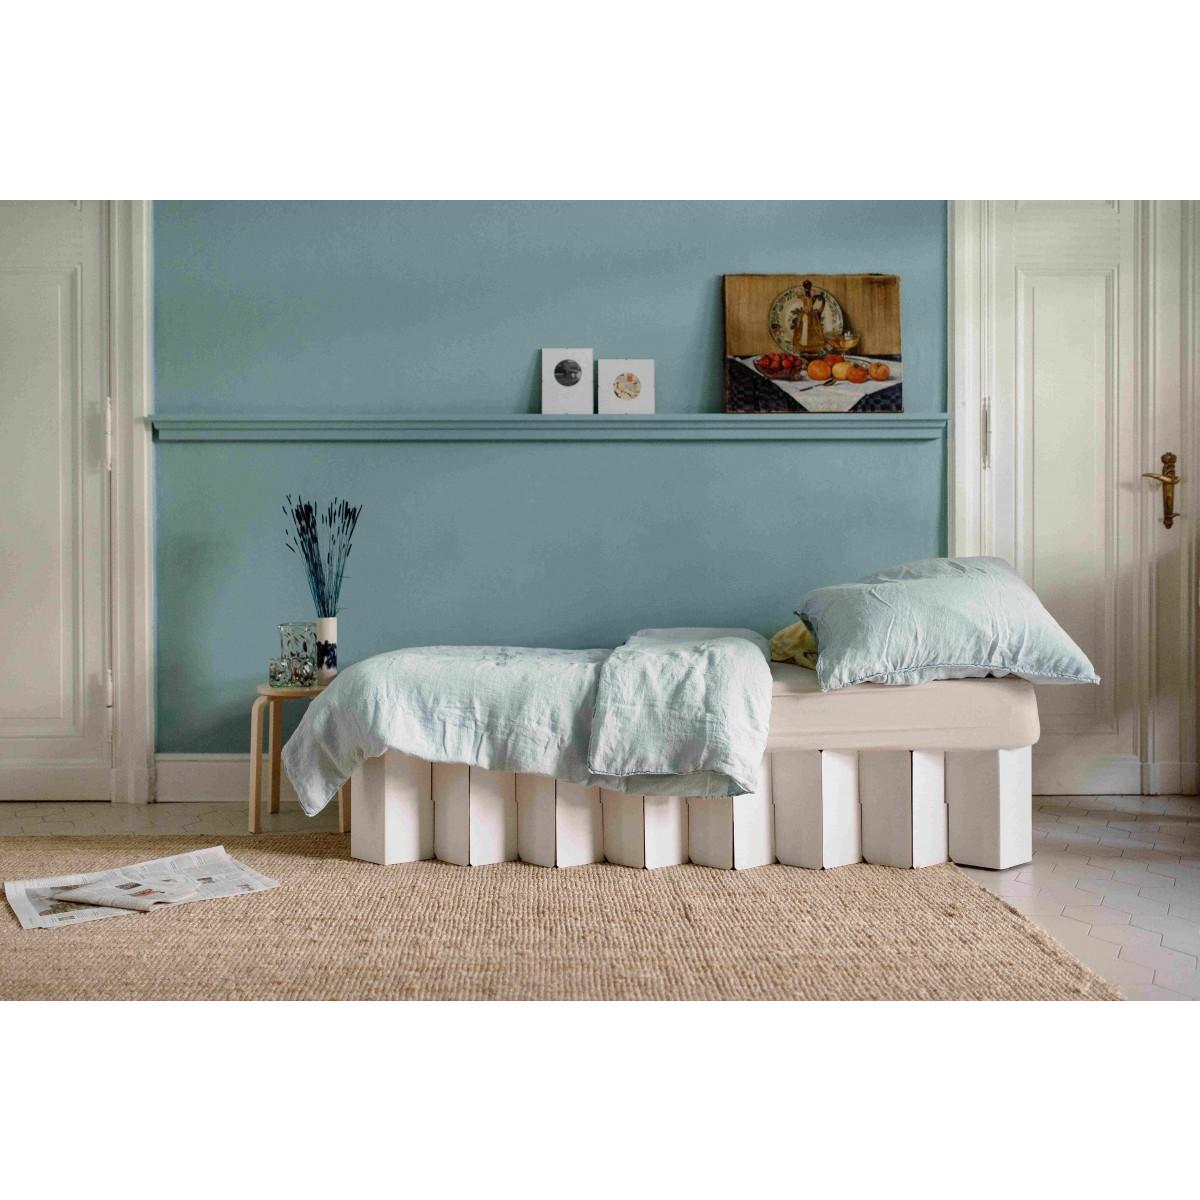 Bett 2.0 (weiß) | ROOM IN A BOX